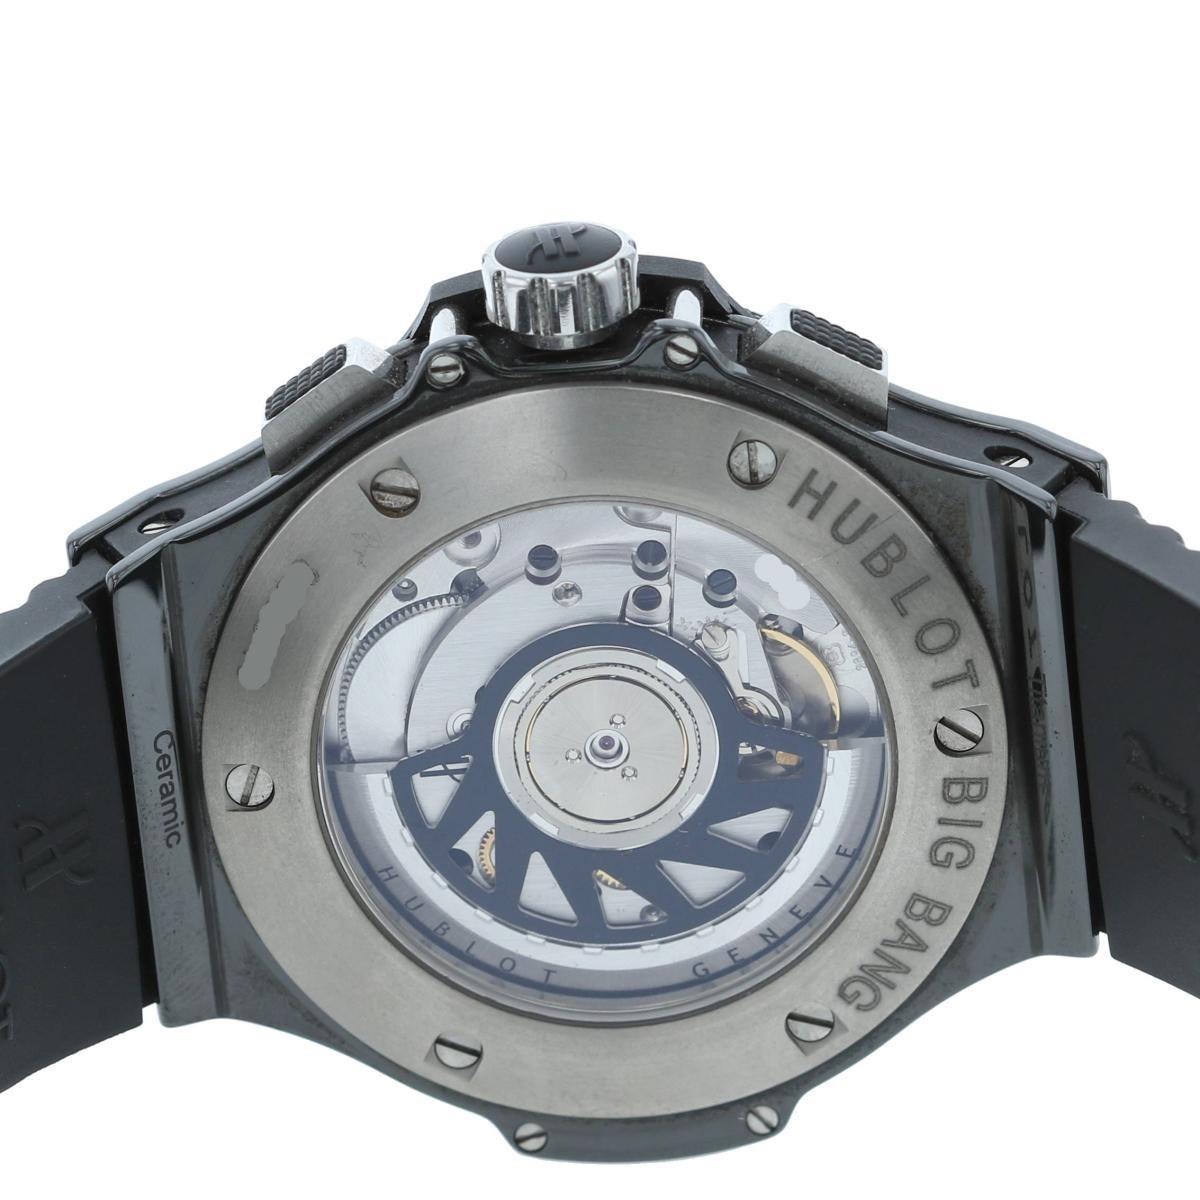 【即日発送・水曜定休日・木曜発送】【中古】【RI】 HUBLOT (ウブロ) ビックバン ブラックマジック 41mm 時計 自動巻き/メンズ BIG BANG Black/ブラック 341.CX.130.RX used:B